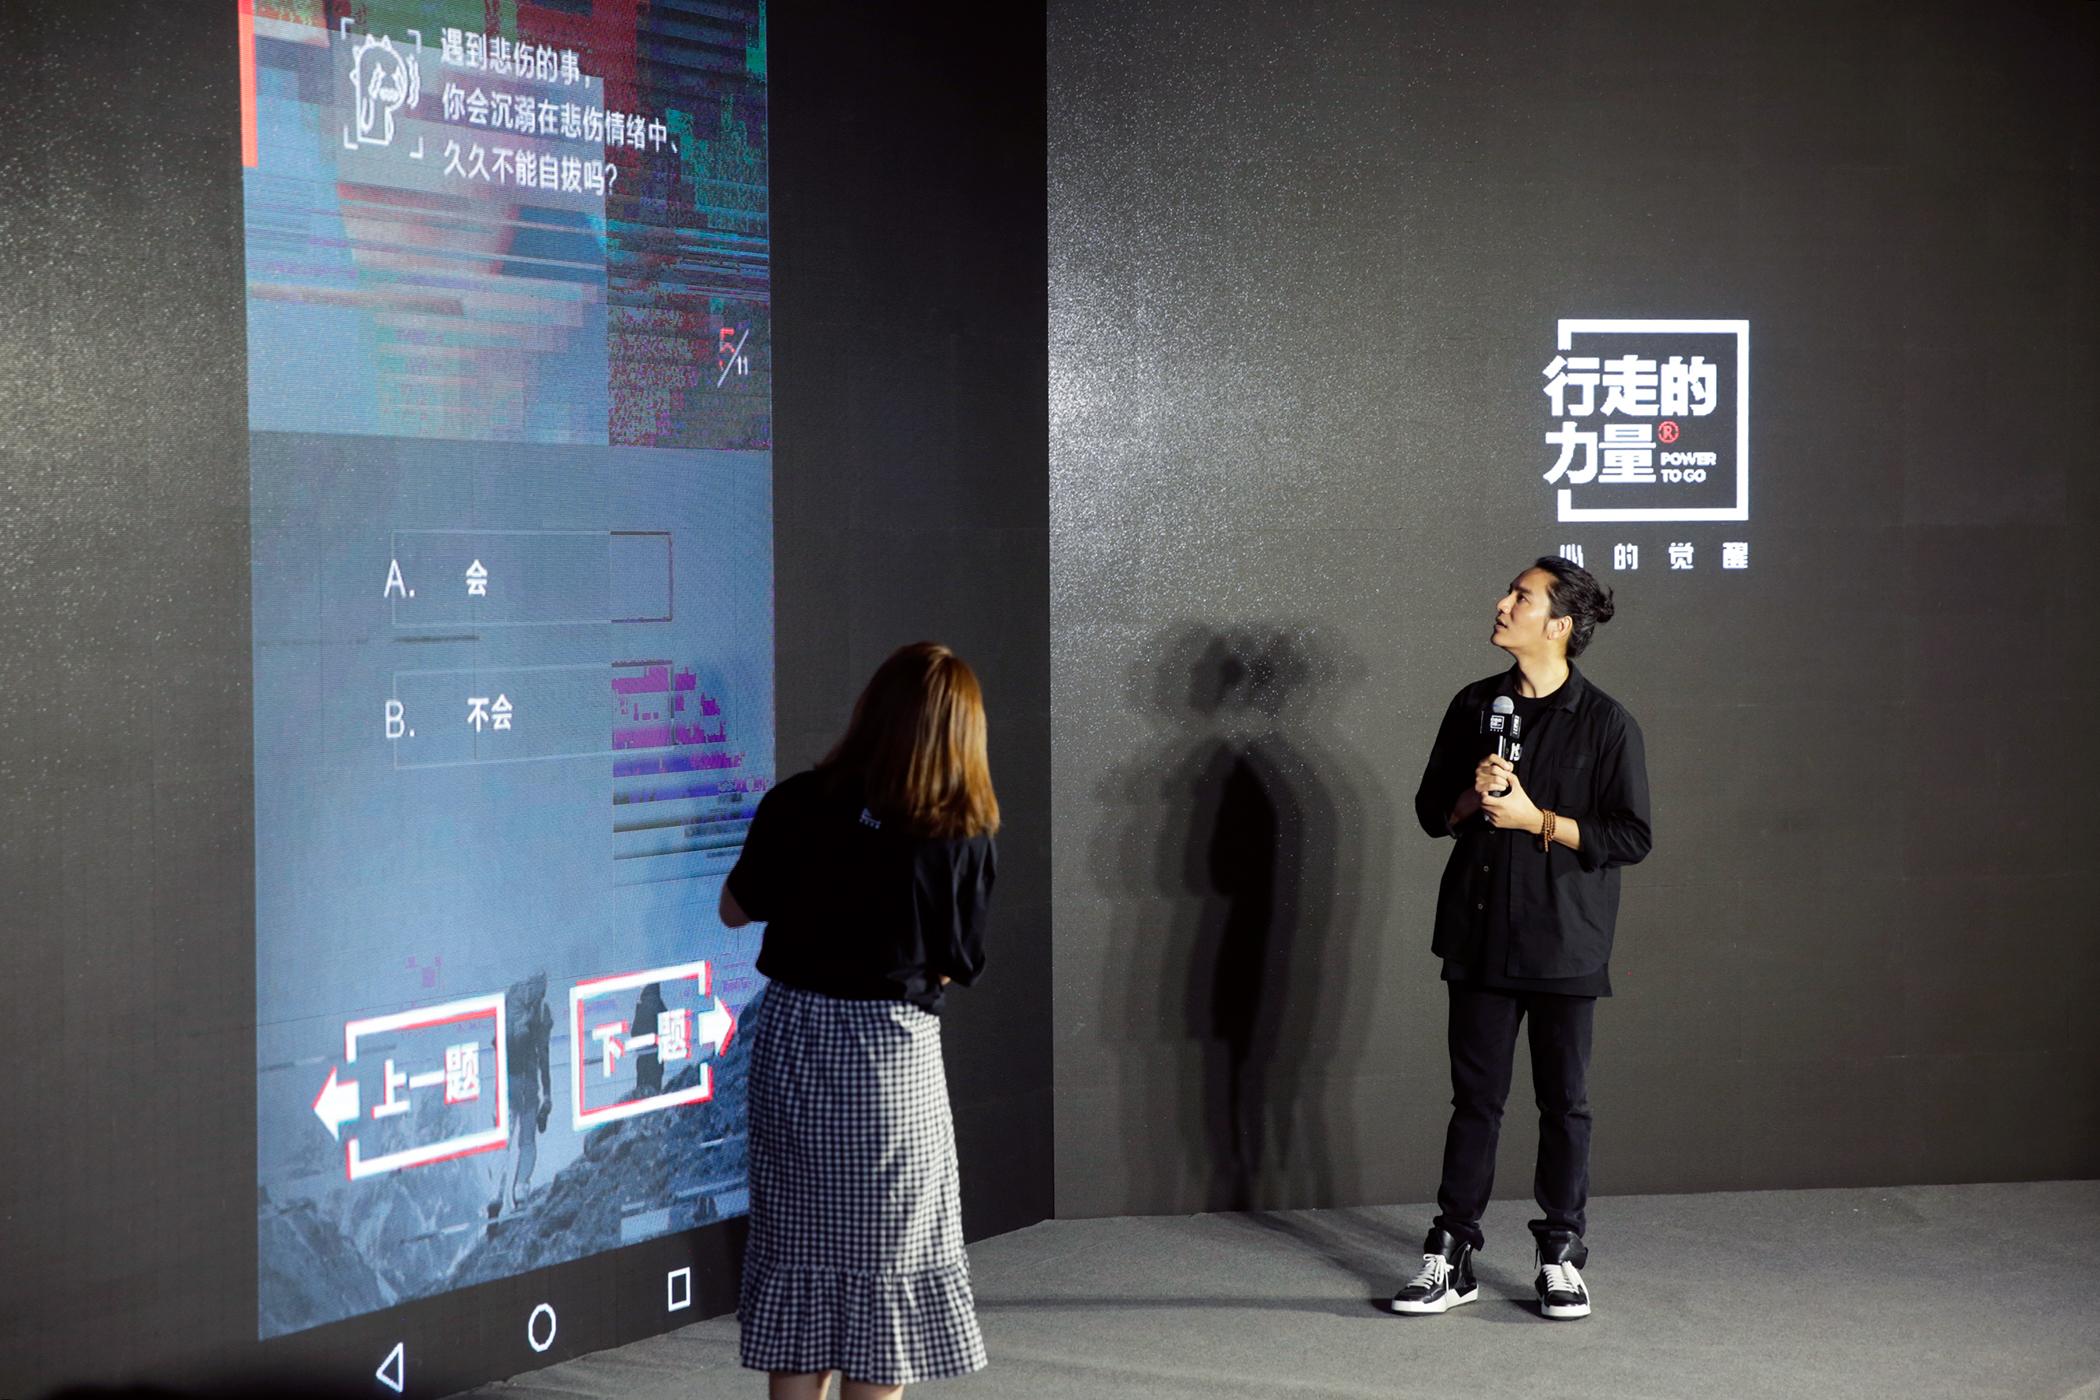 2018行走的力量启动 陈坤成为首位报名者